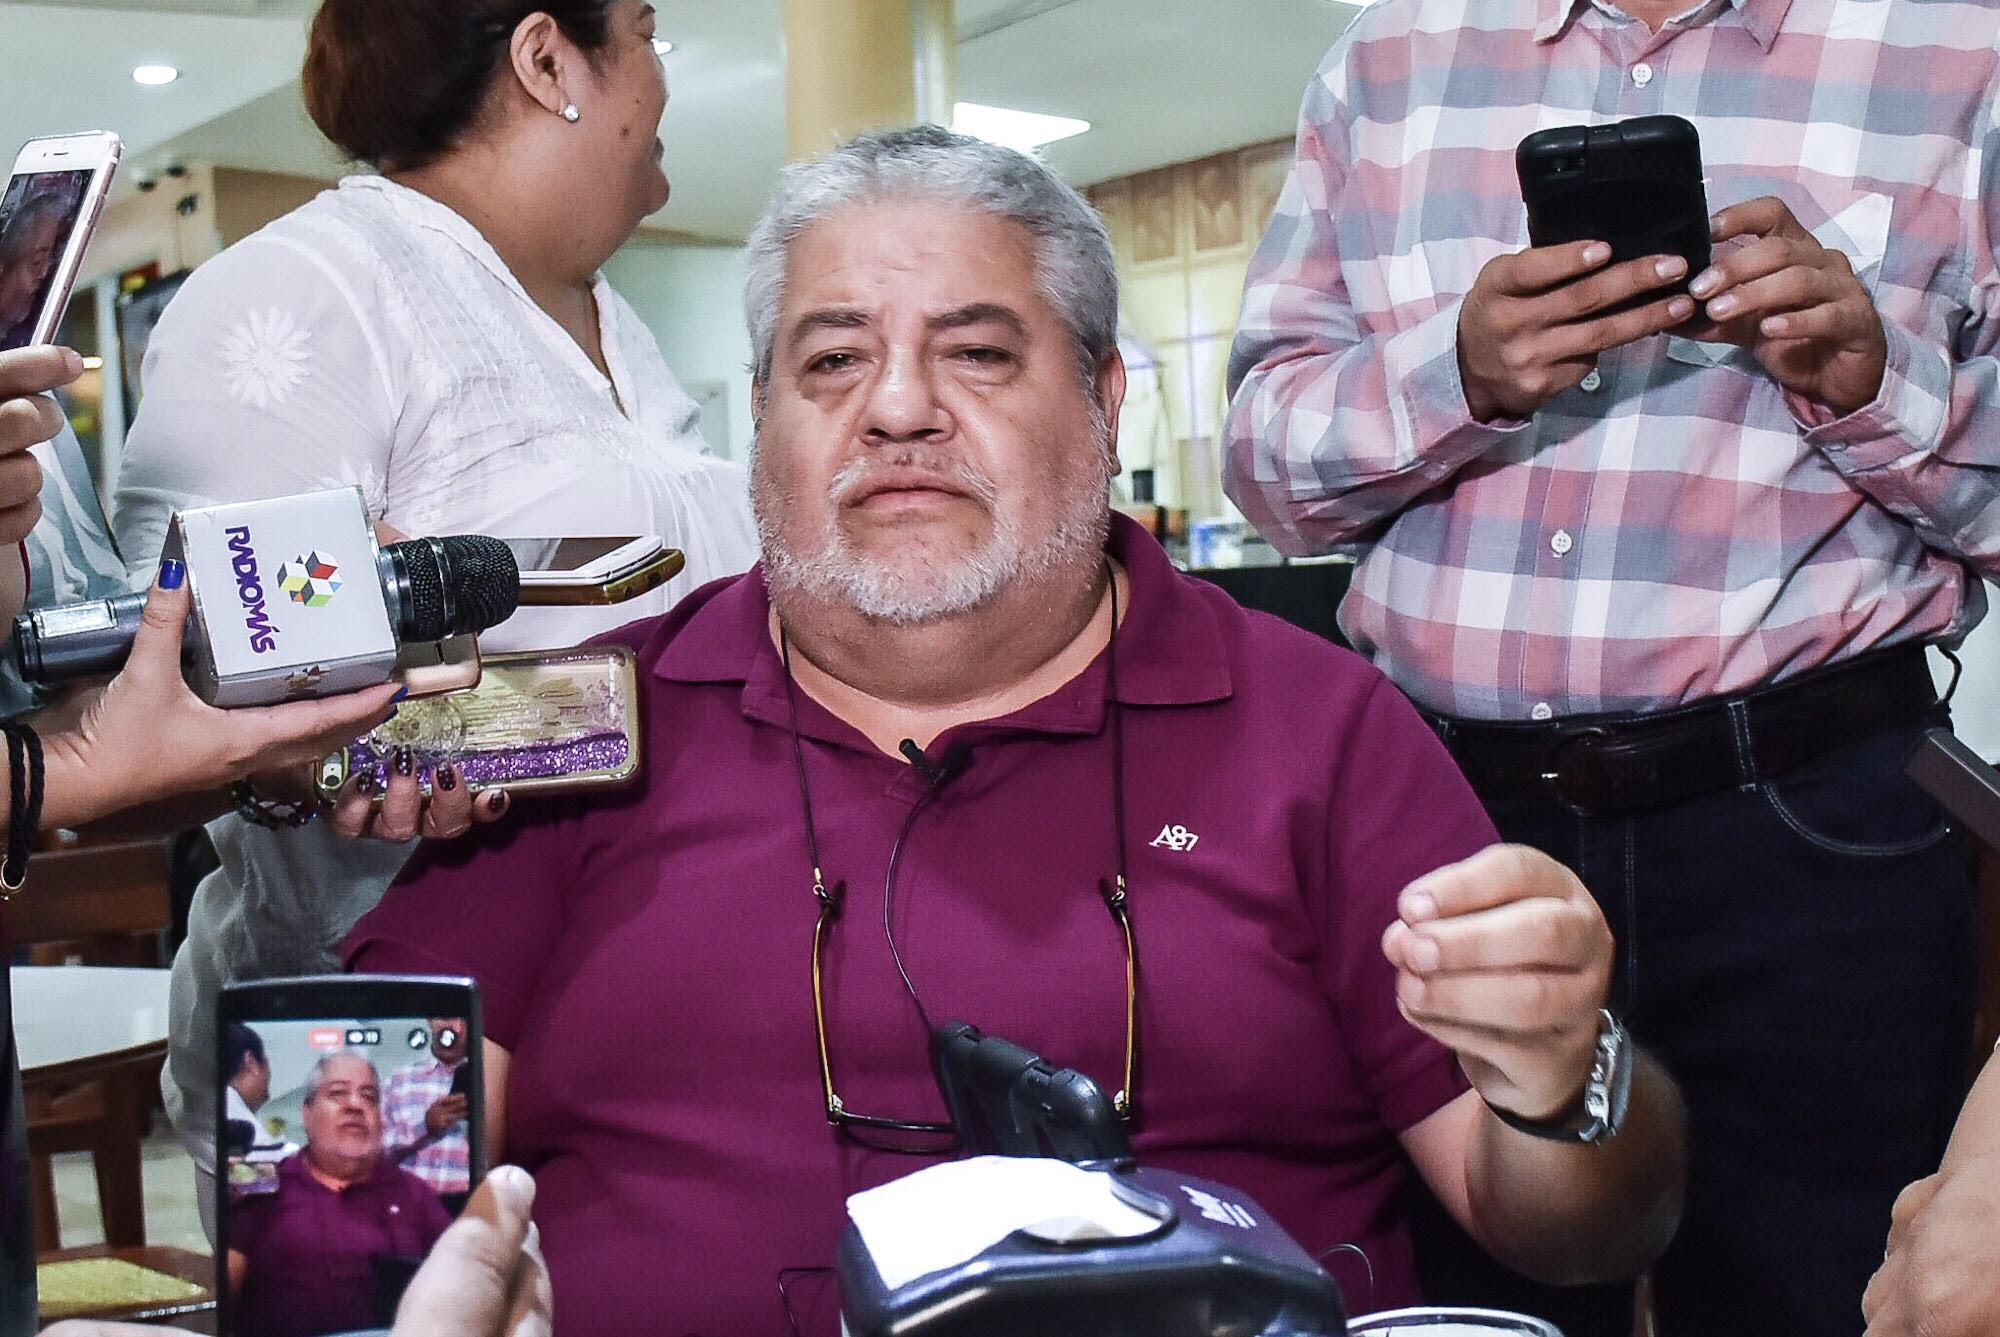 Manuel Huerta defiende a Cuitláhuac de críticas y supuesta remoción del cargo